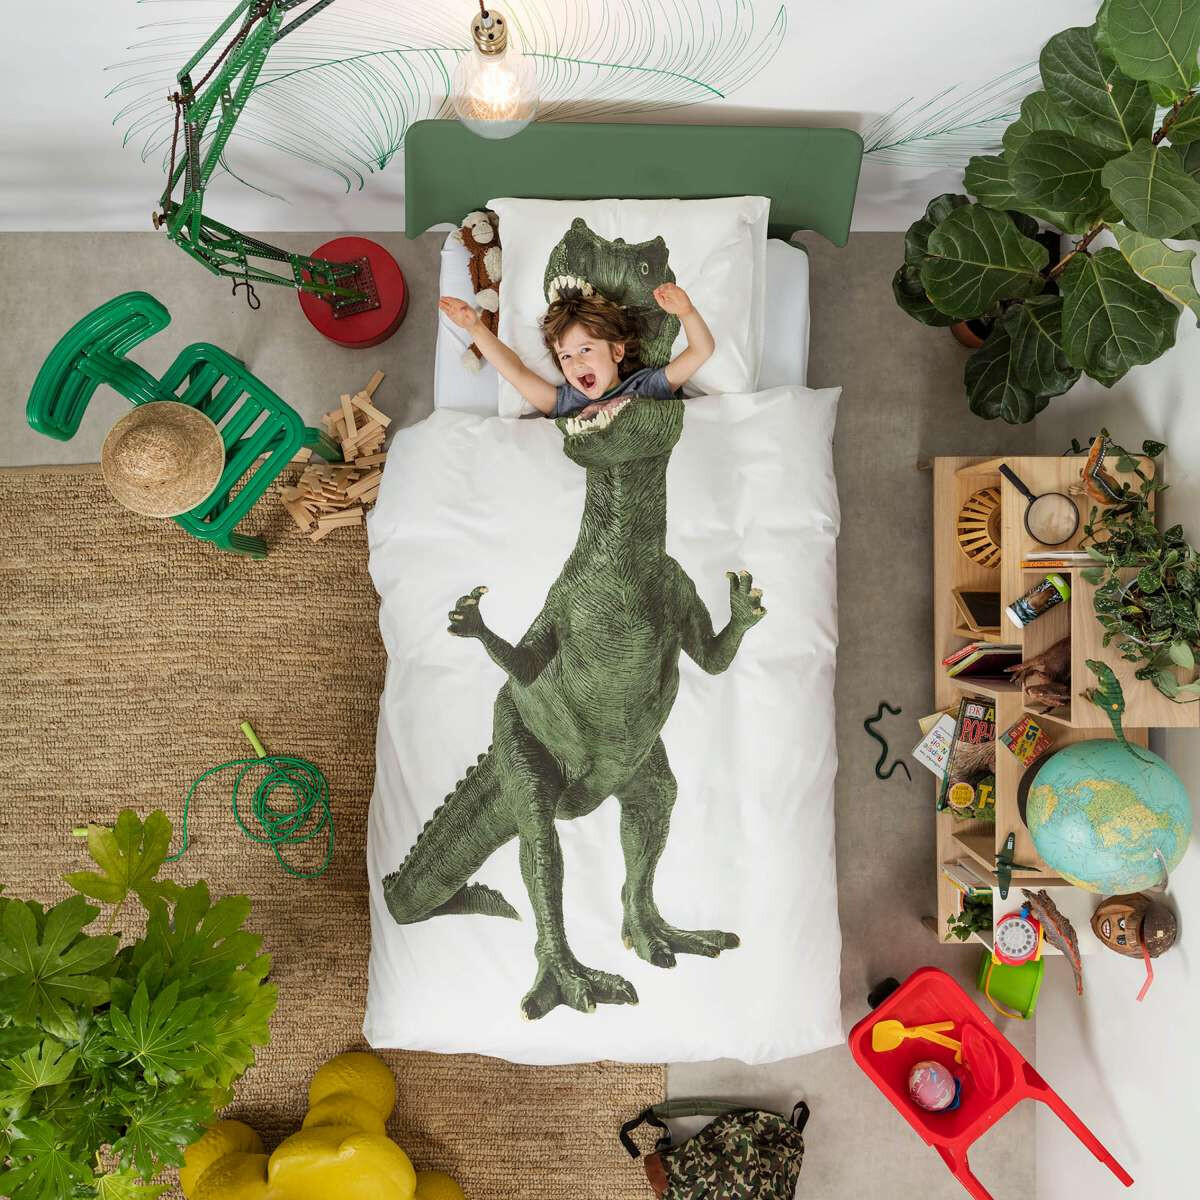 Kindje in bed onder een Snurk dekbedovertrek met dinosaurus tekening.